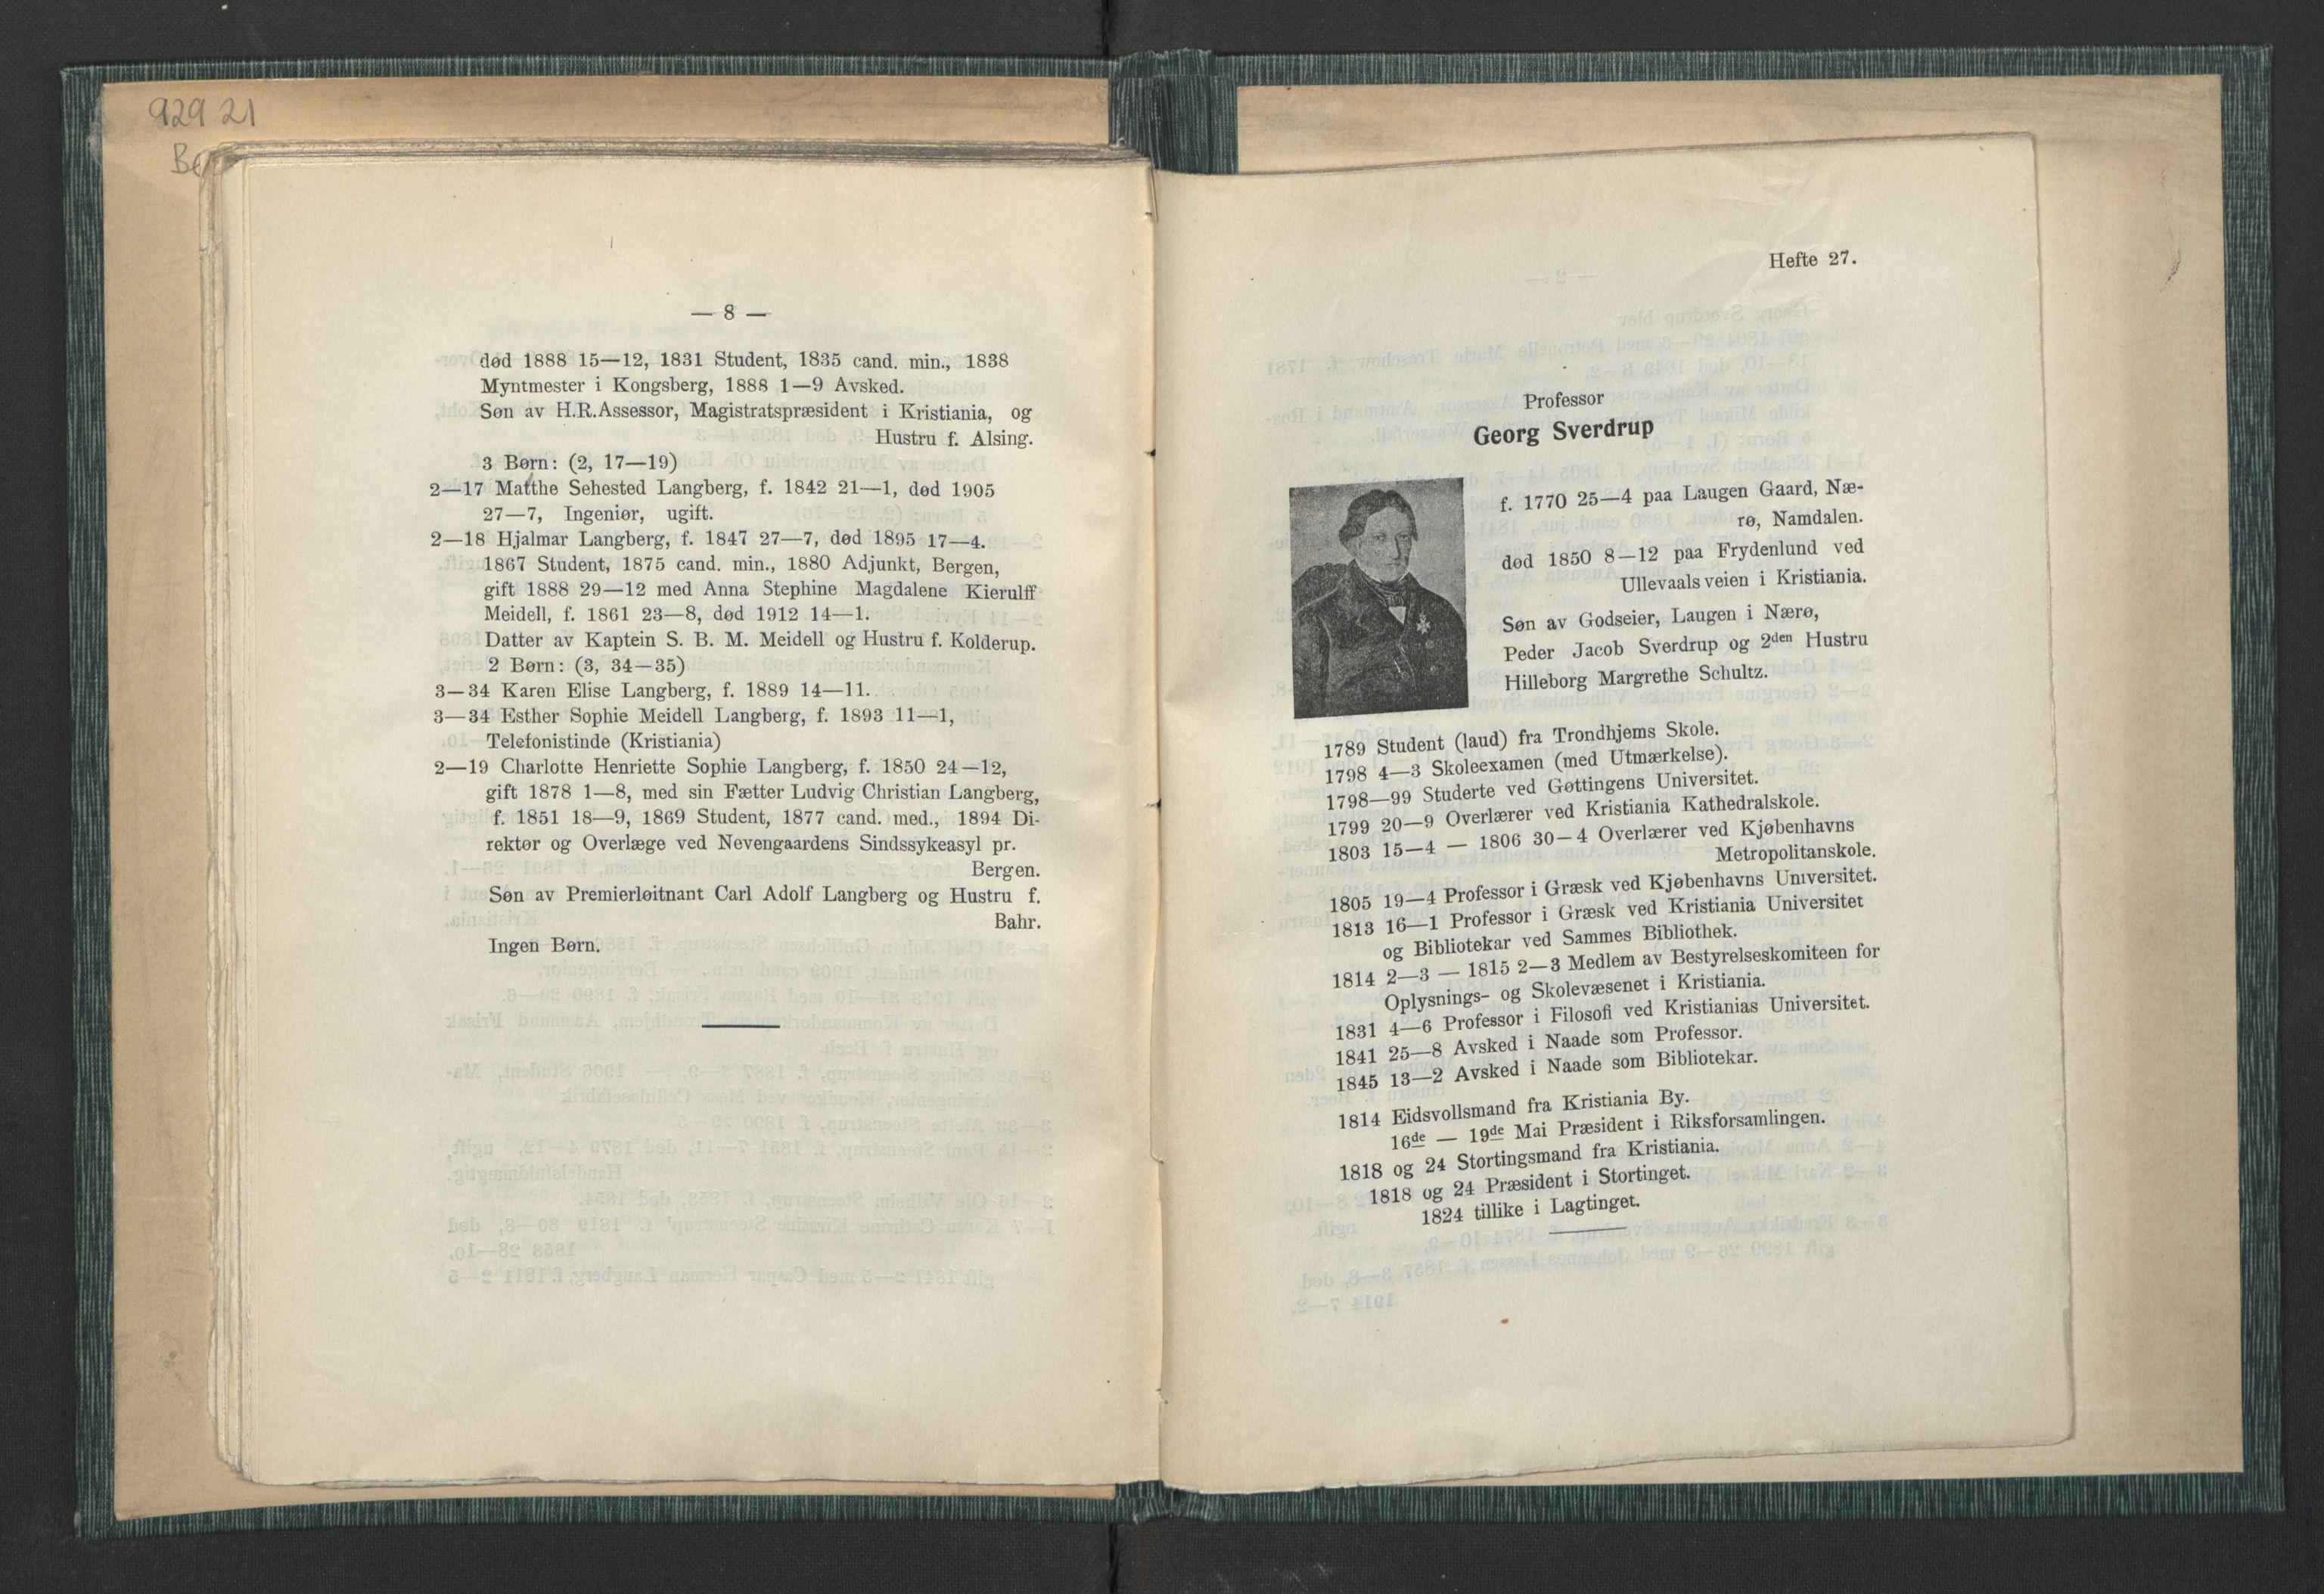 RA, Publikasjoner*, 1914, s. 69